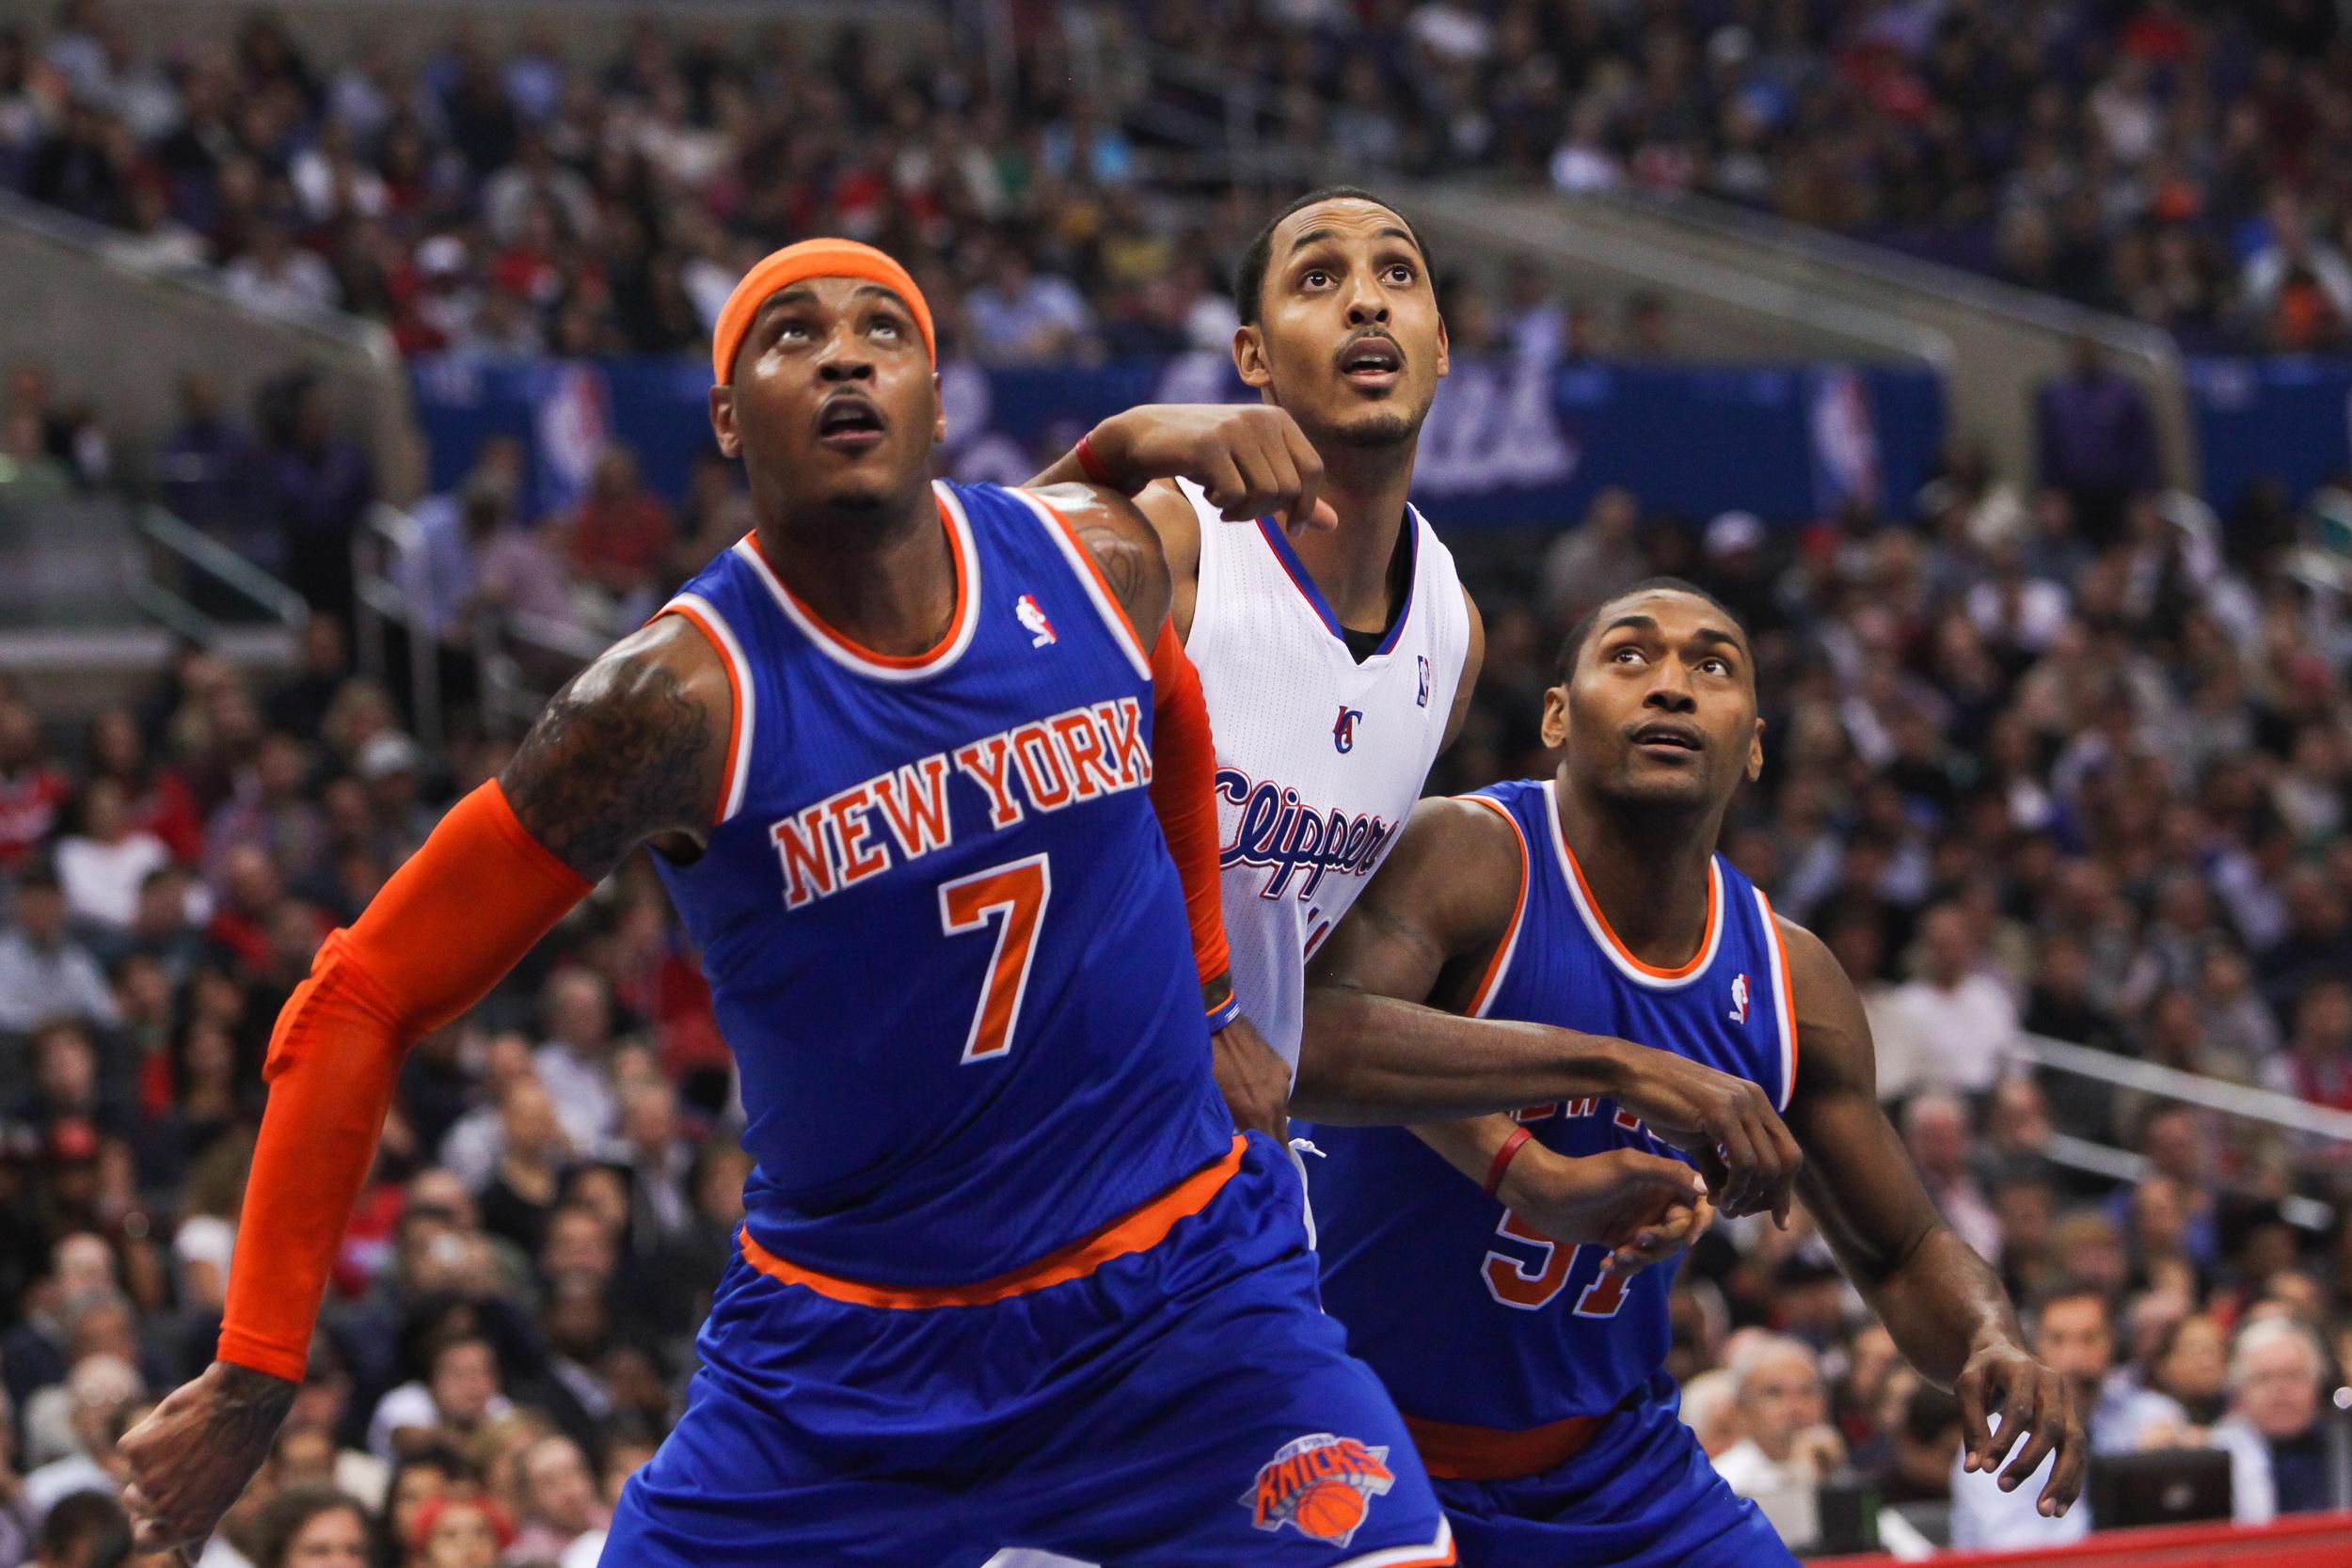 Photos by Varon P. Knicks-41.jpg